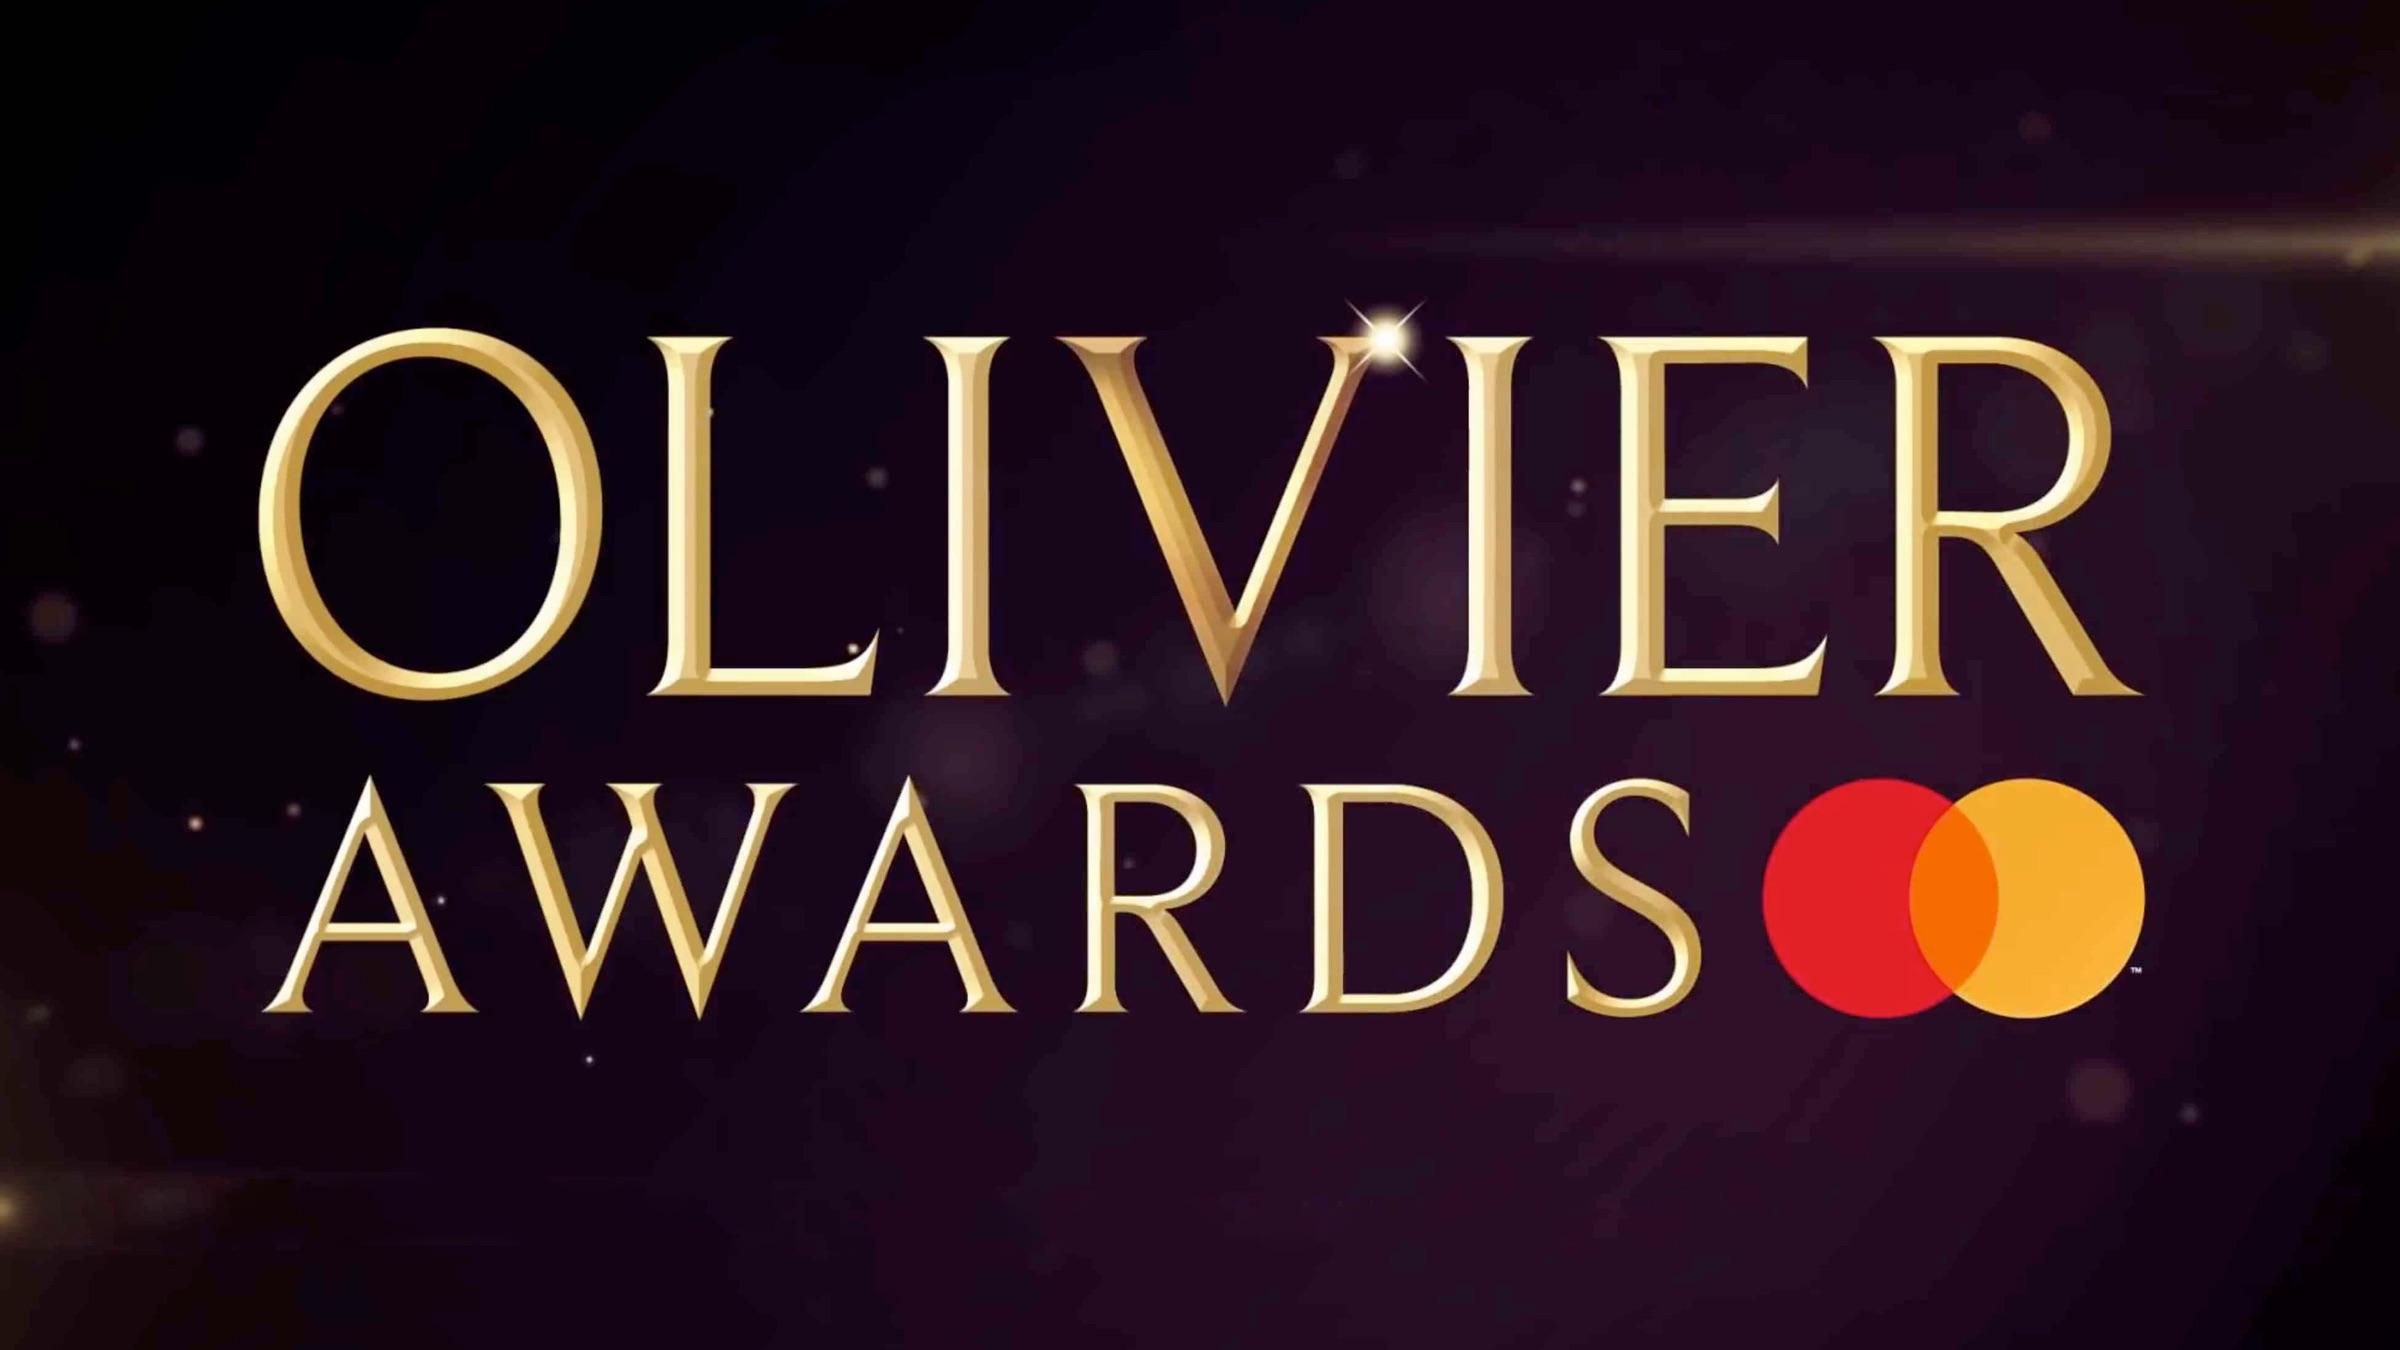 olivier awards 2020 - photo #5